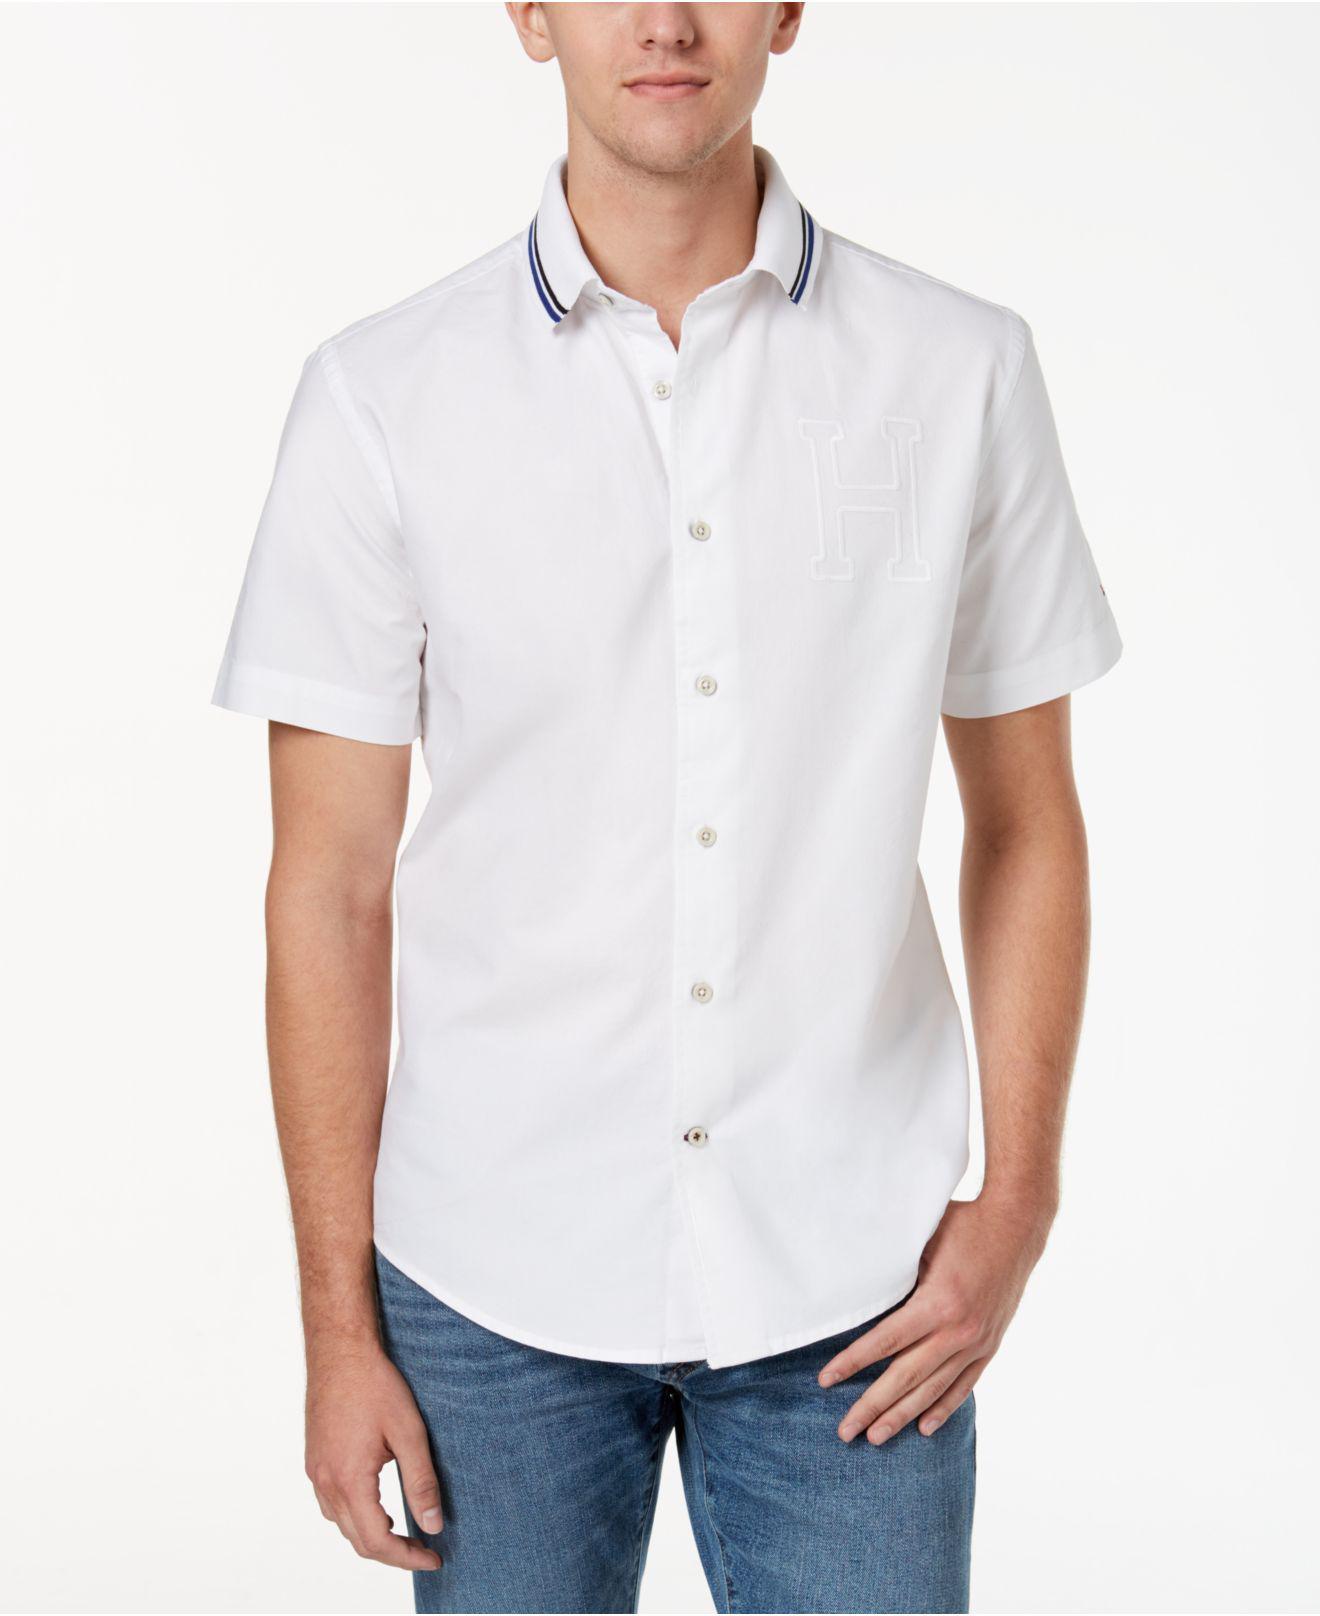 3810c8cb Lyst - Tommy Hilfiger Men's Albert Shirt in White for Men